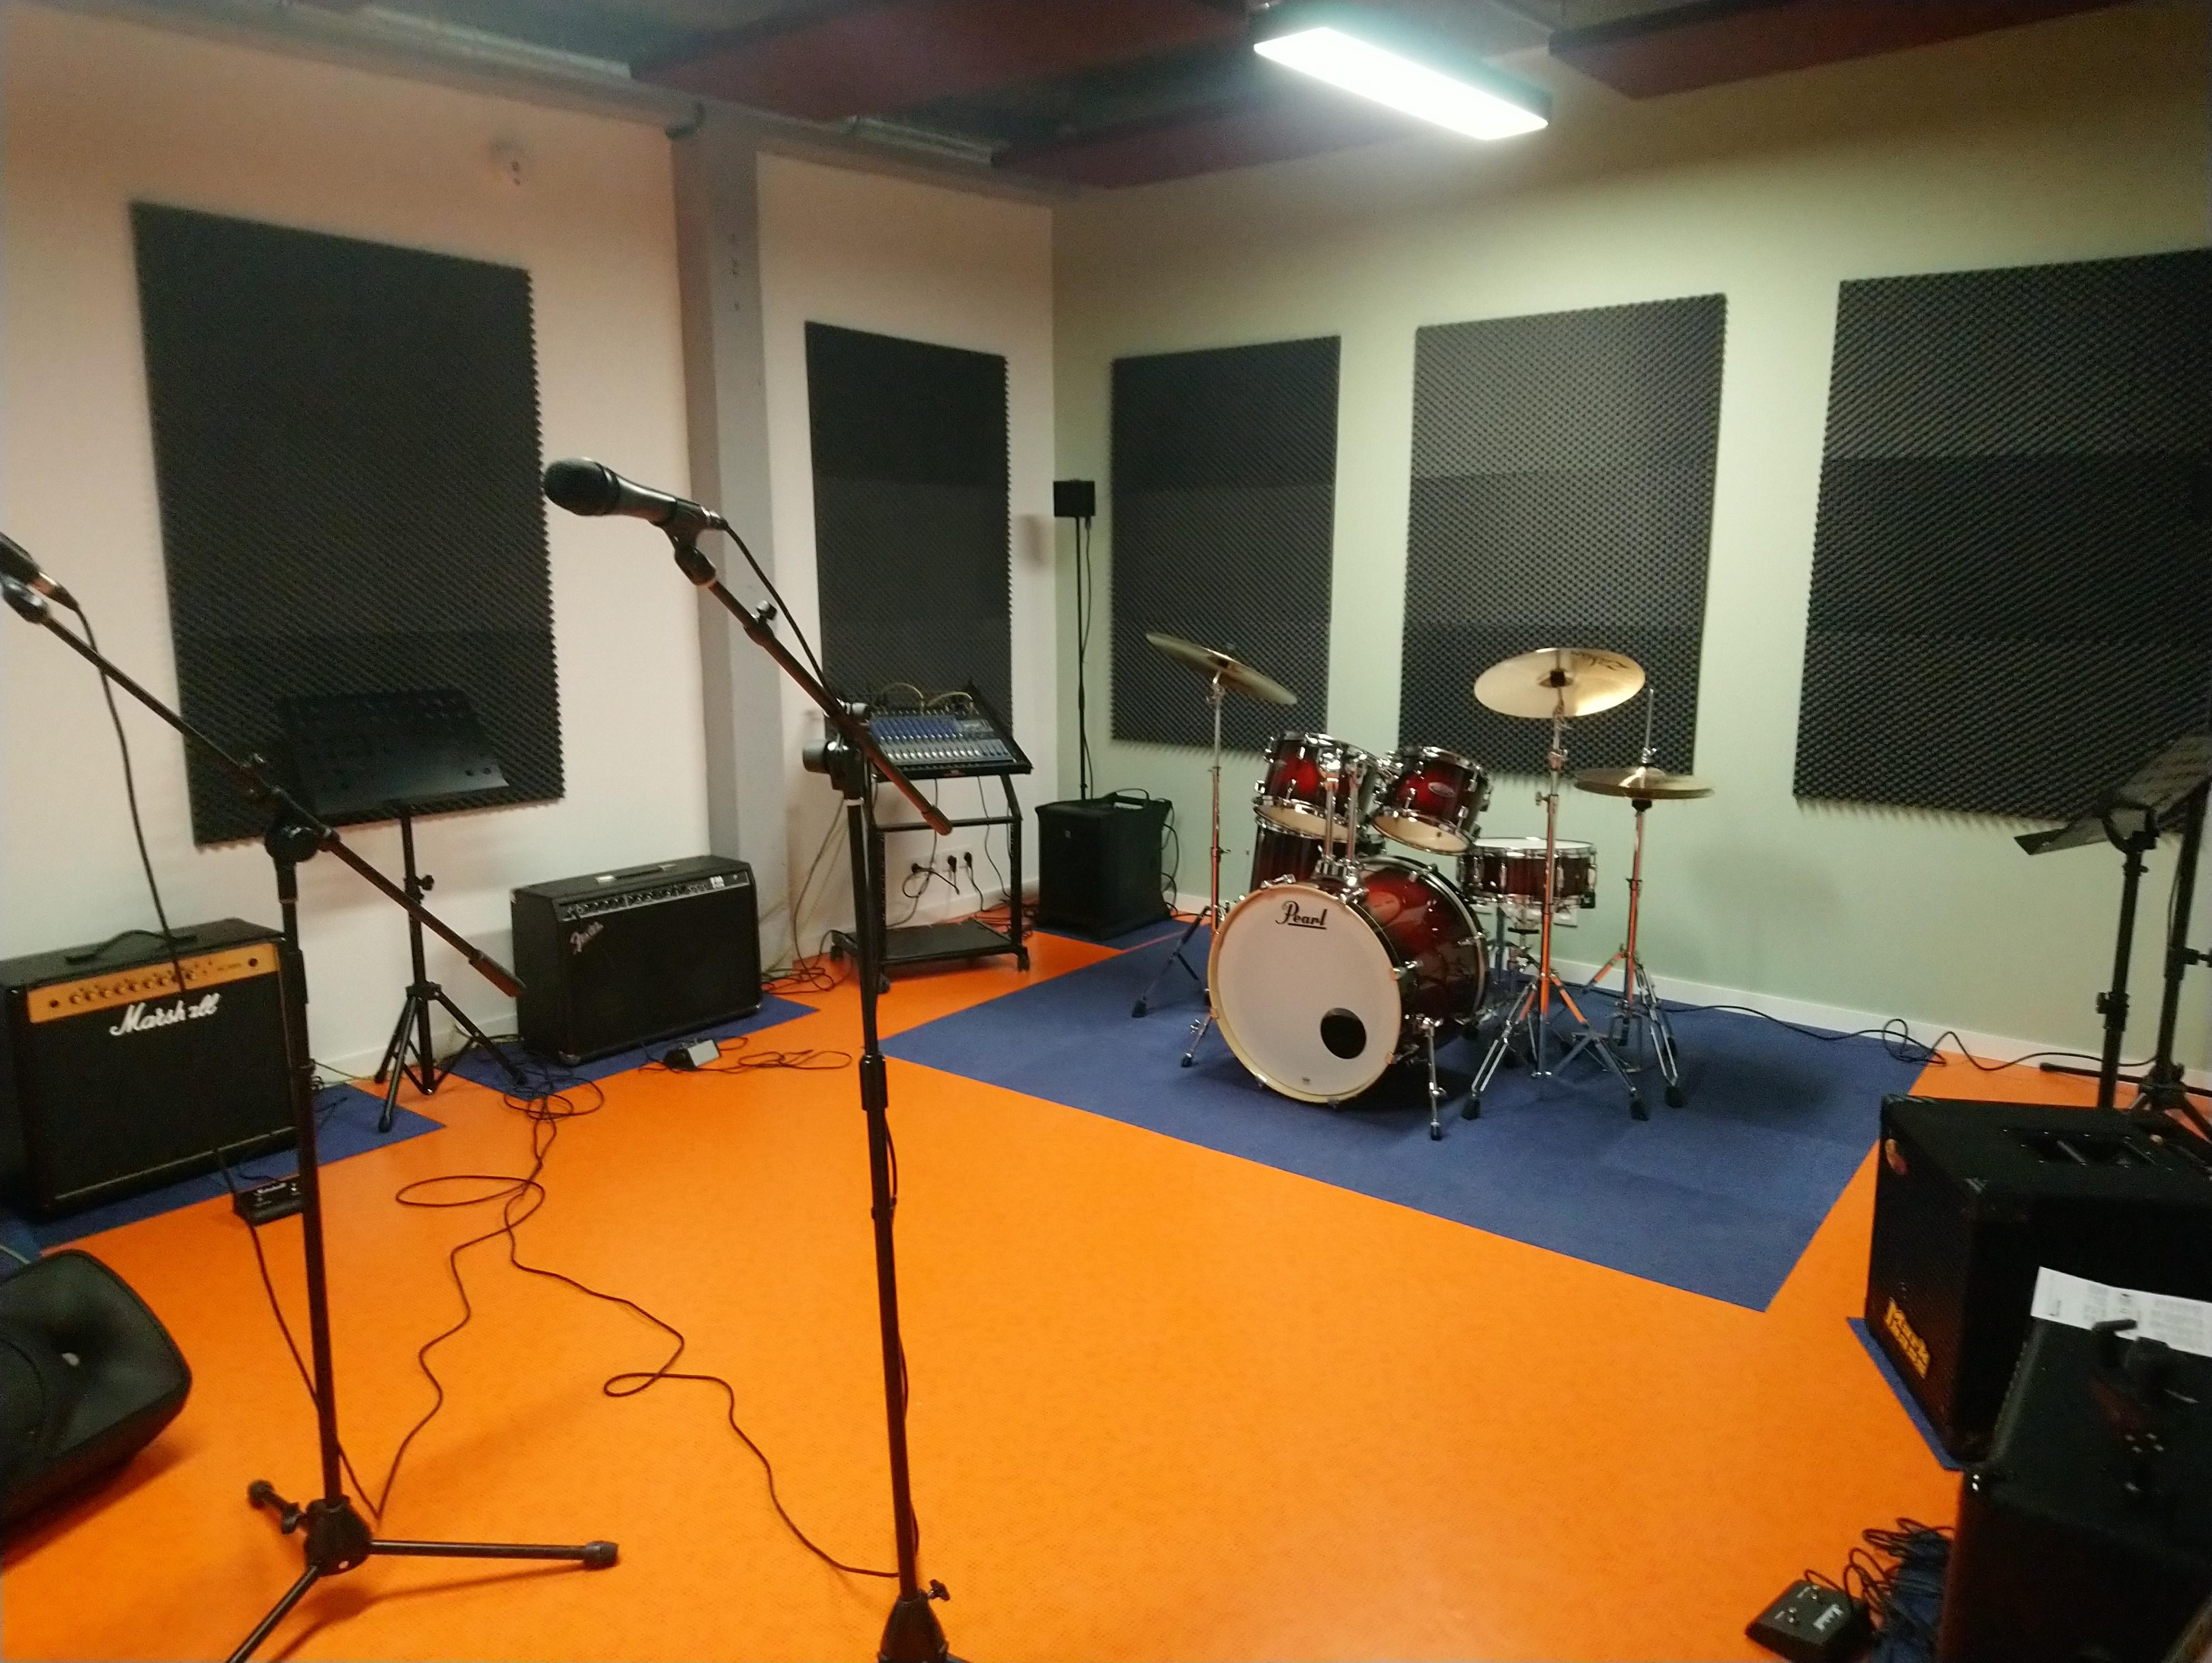 Location Studio Vert (24m²) - 1h